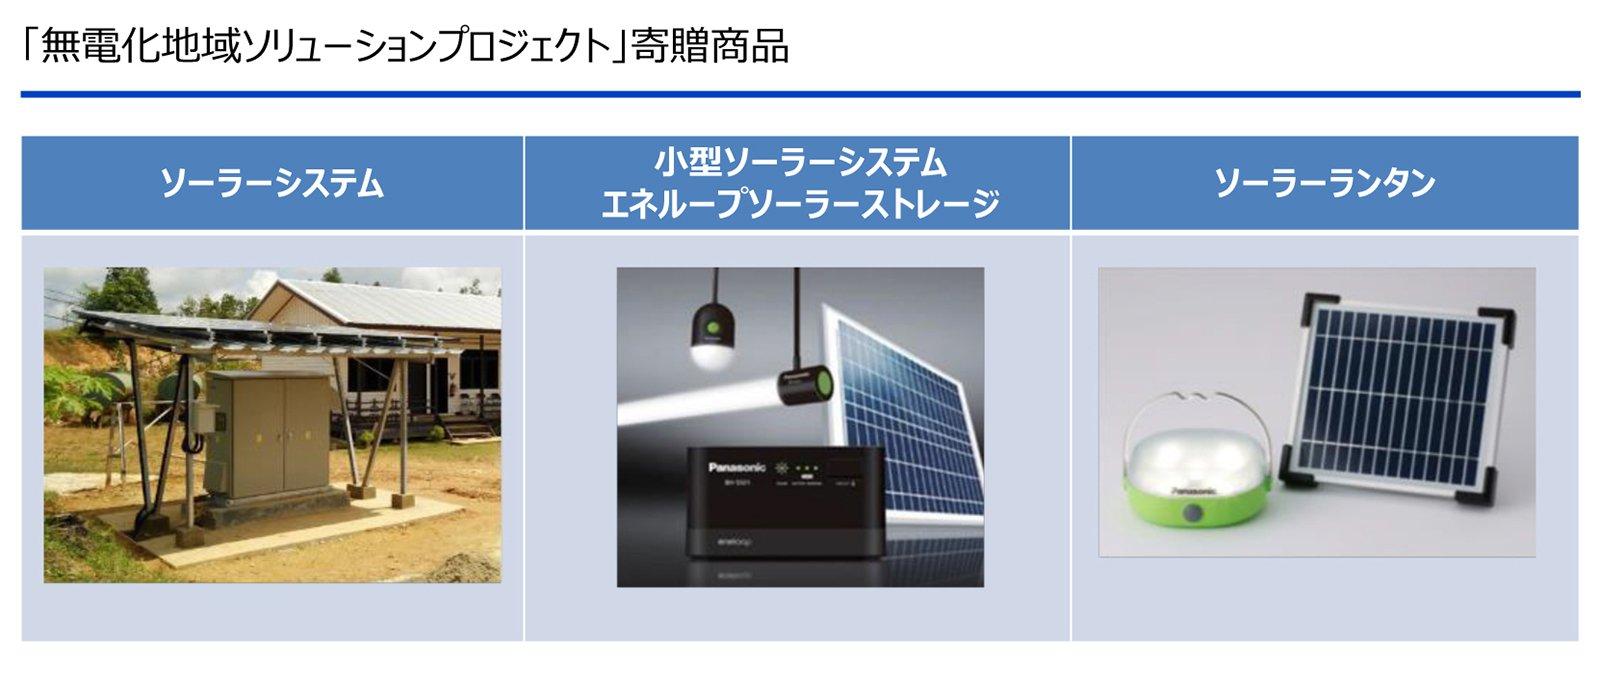 図版:「無電化地域ソリューションプロジェクト」寄贈商品。左から、ソーラーシステム、小型ソーラーシステム エネループソーラーストレージ、ソーラーランタン。